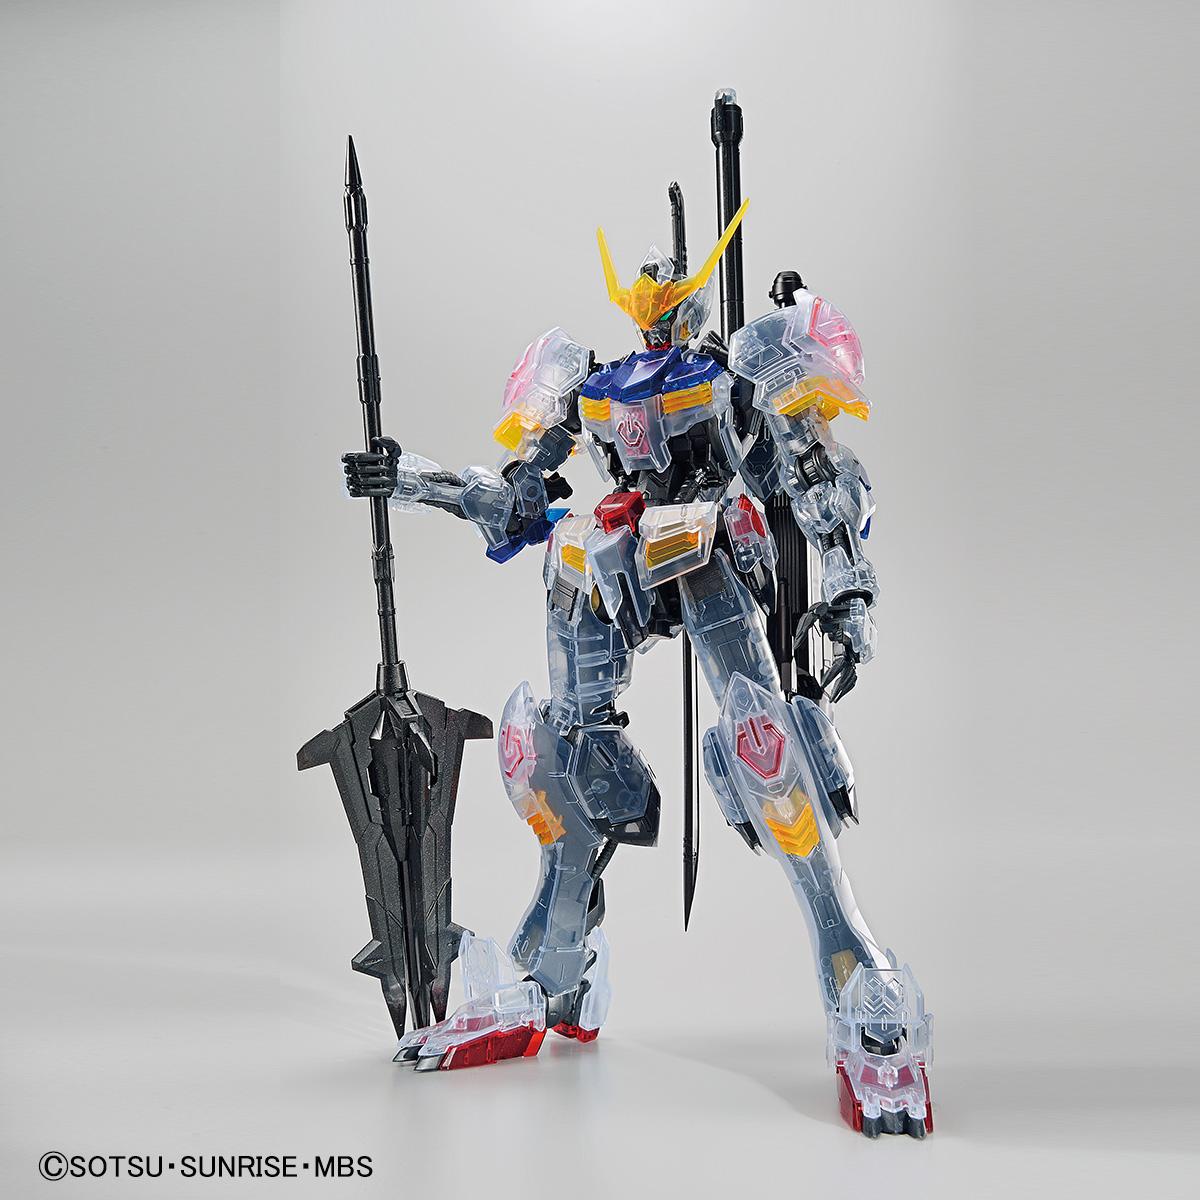 MG 1/100 ガンダムベース限定 ガンダムバルバトス[クリアカラー] 商品画像